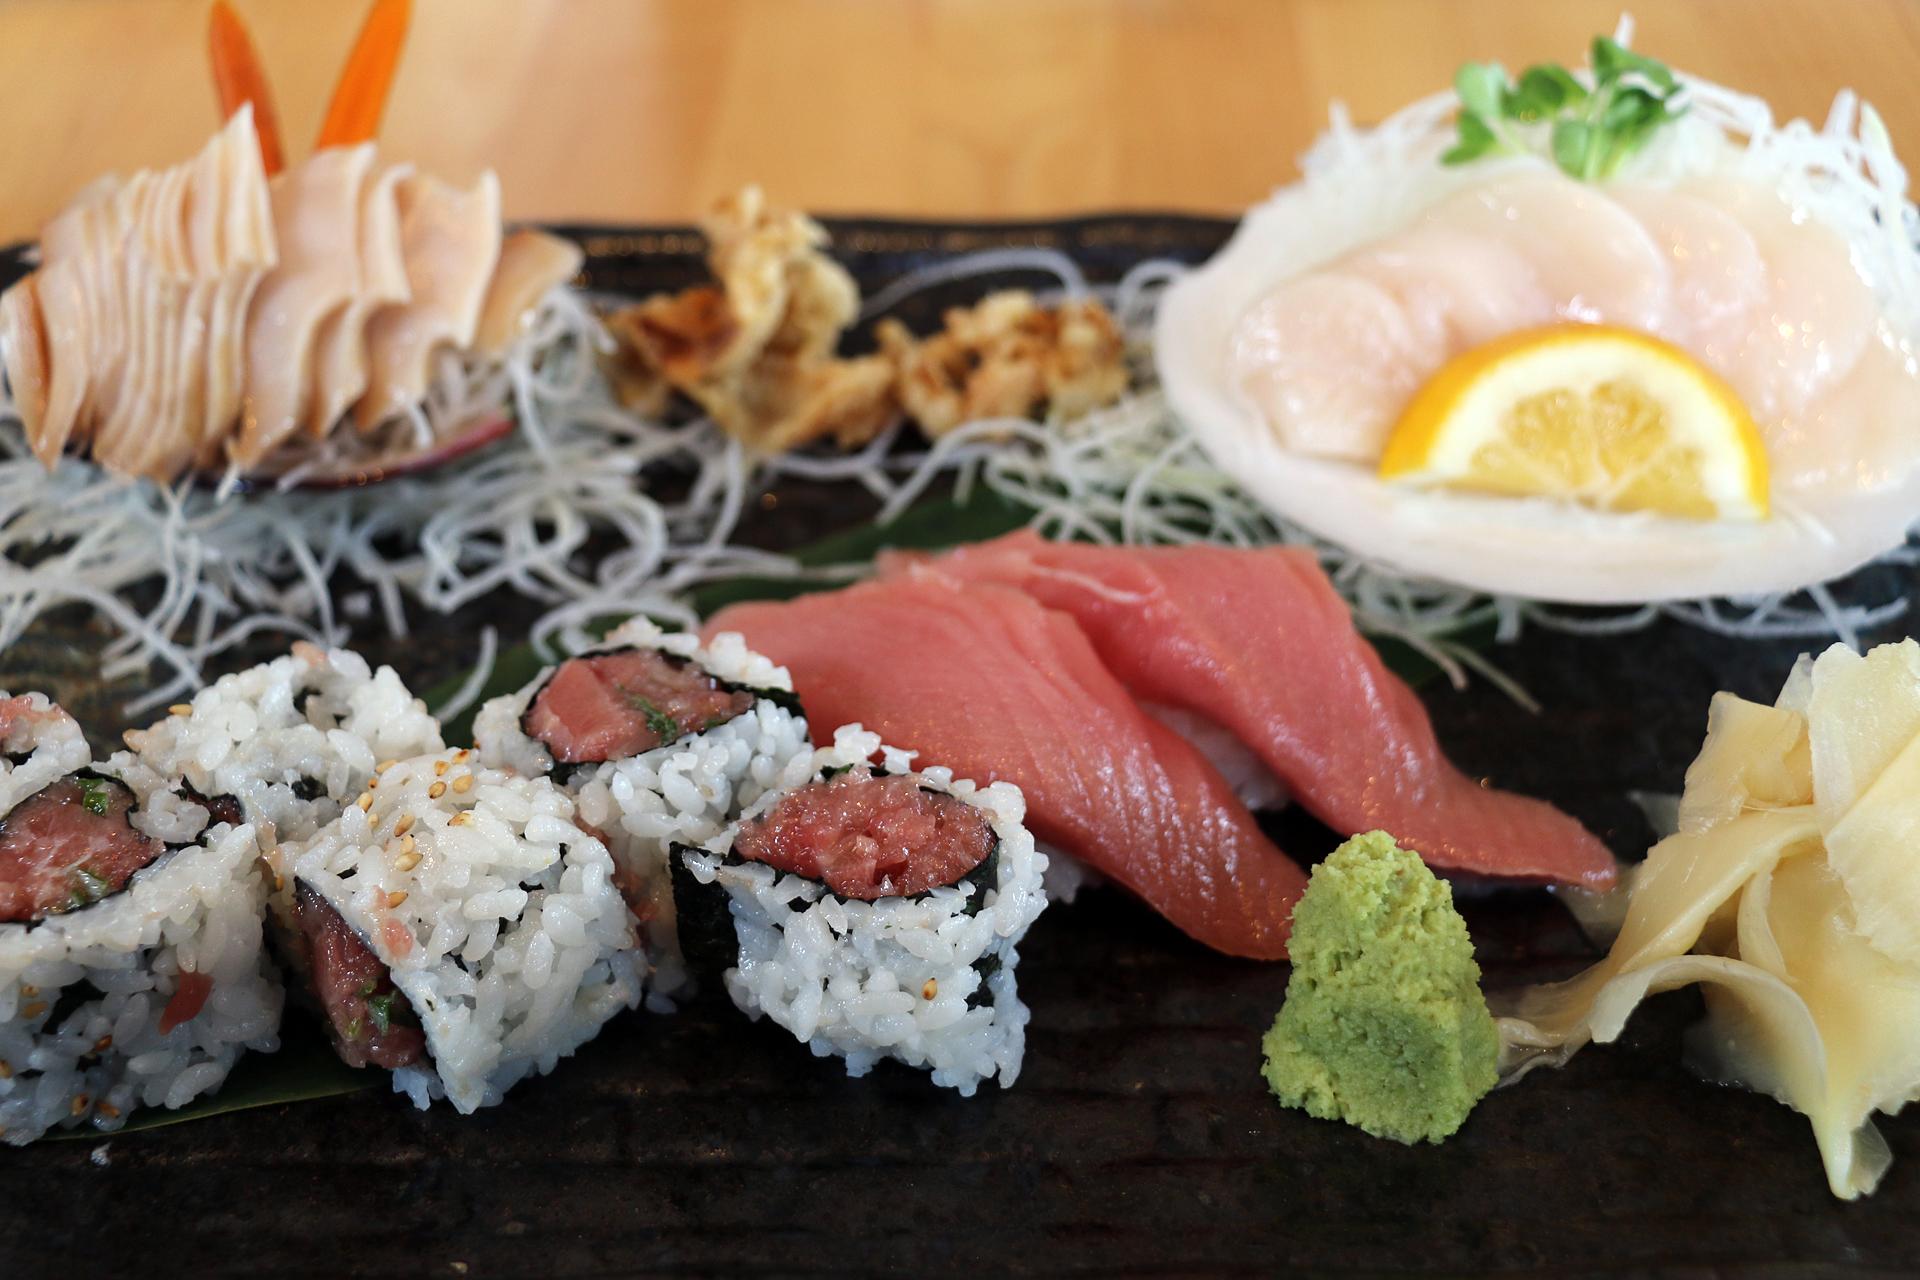 Daily Specials: An assortment of nigiri sushi and sashimi at Kiku.